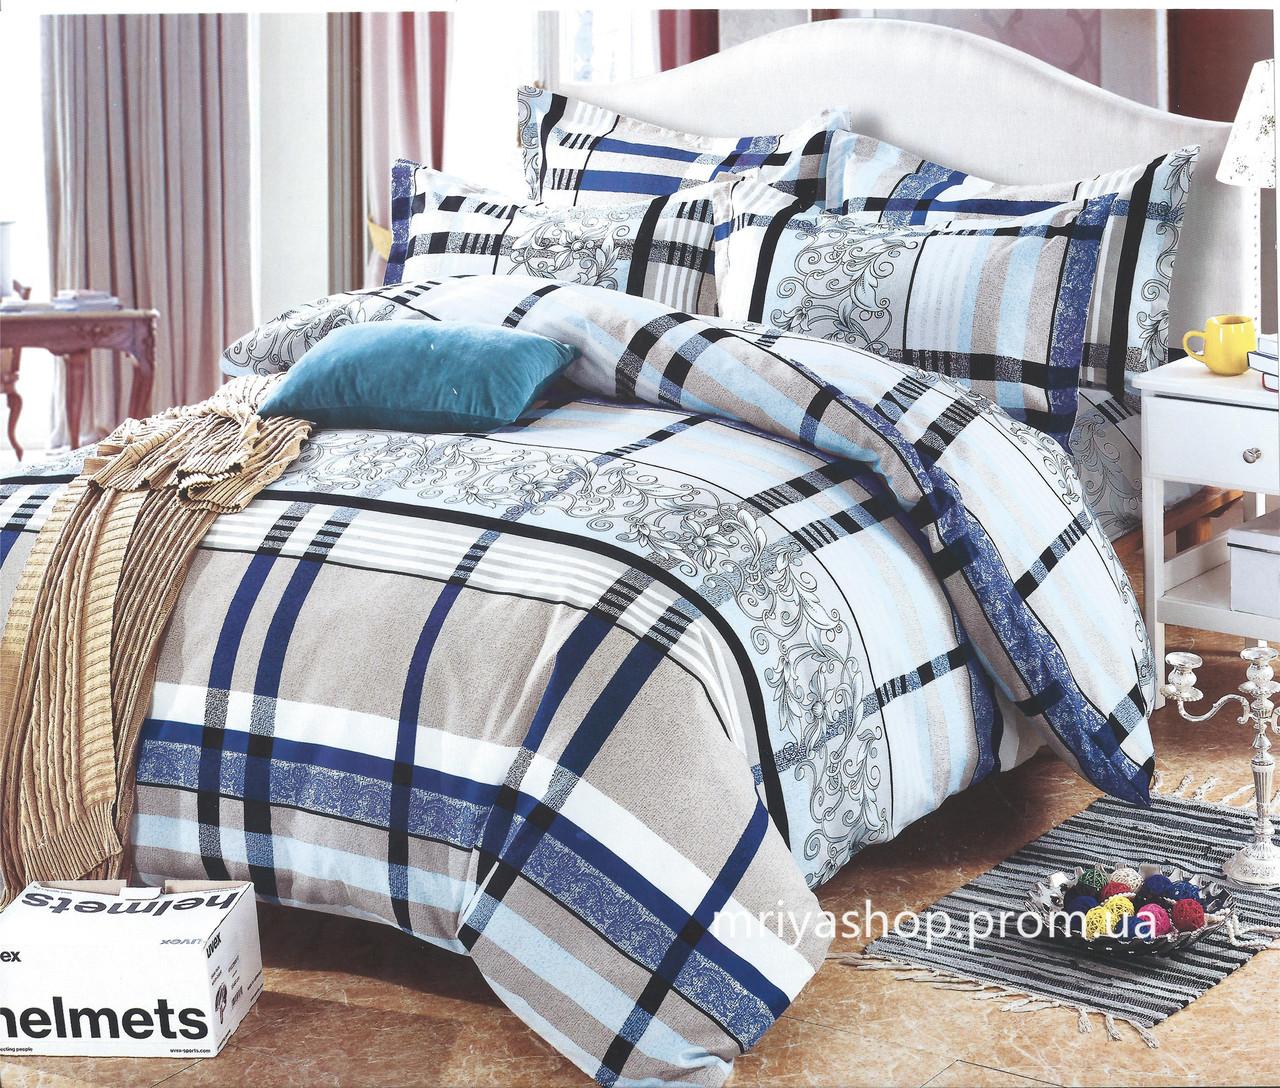 Комплект постельного белья Фланель байка Евро размер - ОПТОВЫЙ  ИНТЕРНЕТ-МАГАЗИН «МРИЯ» в f42cdd83db960